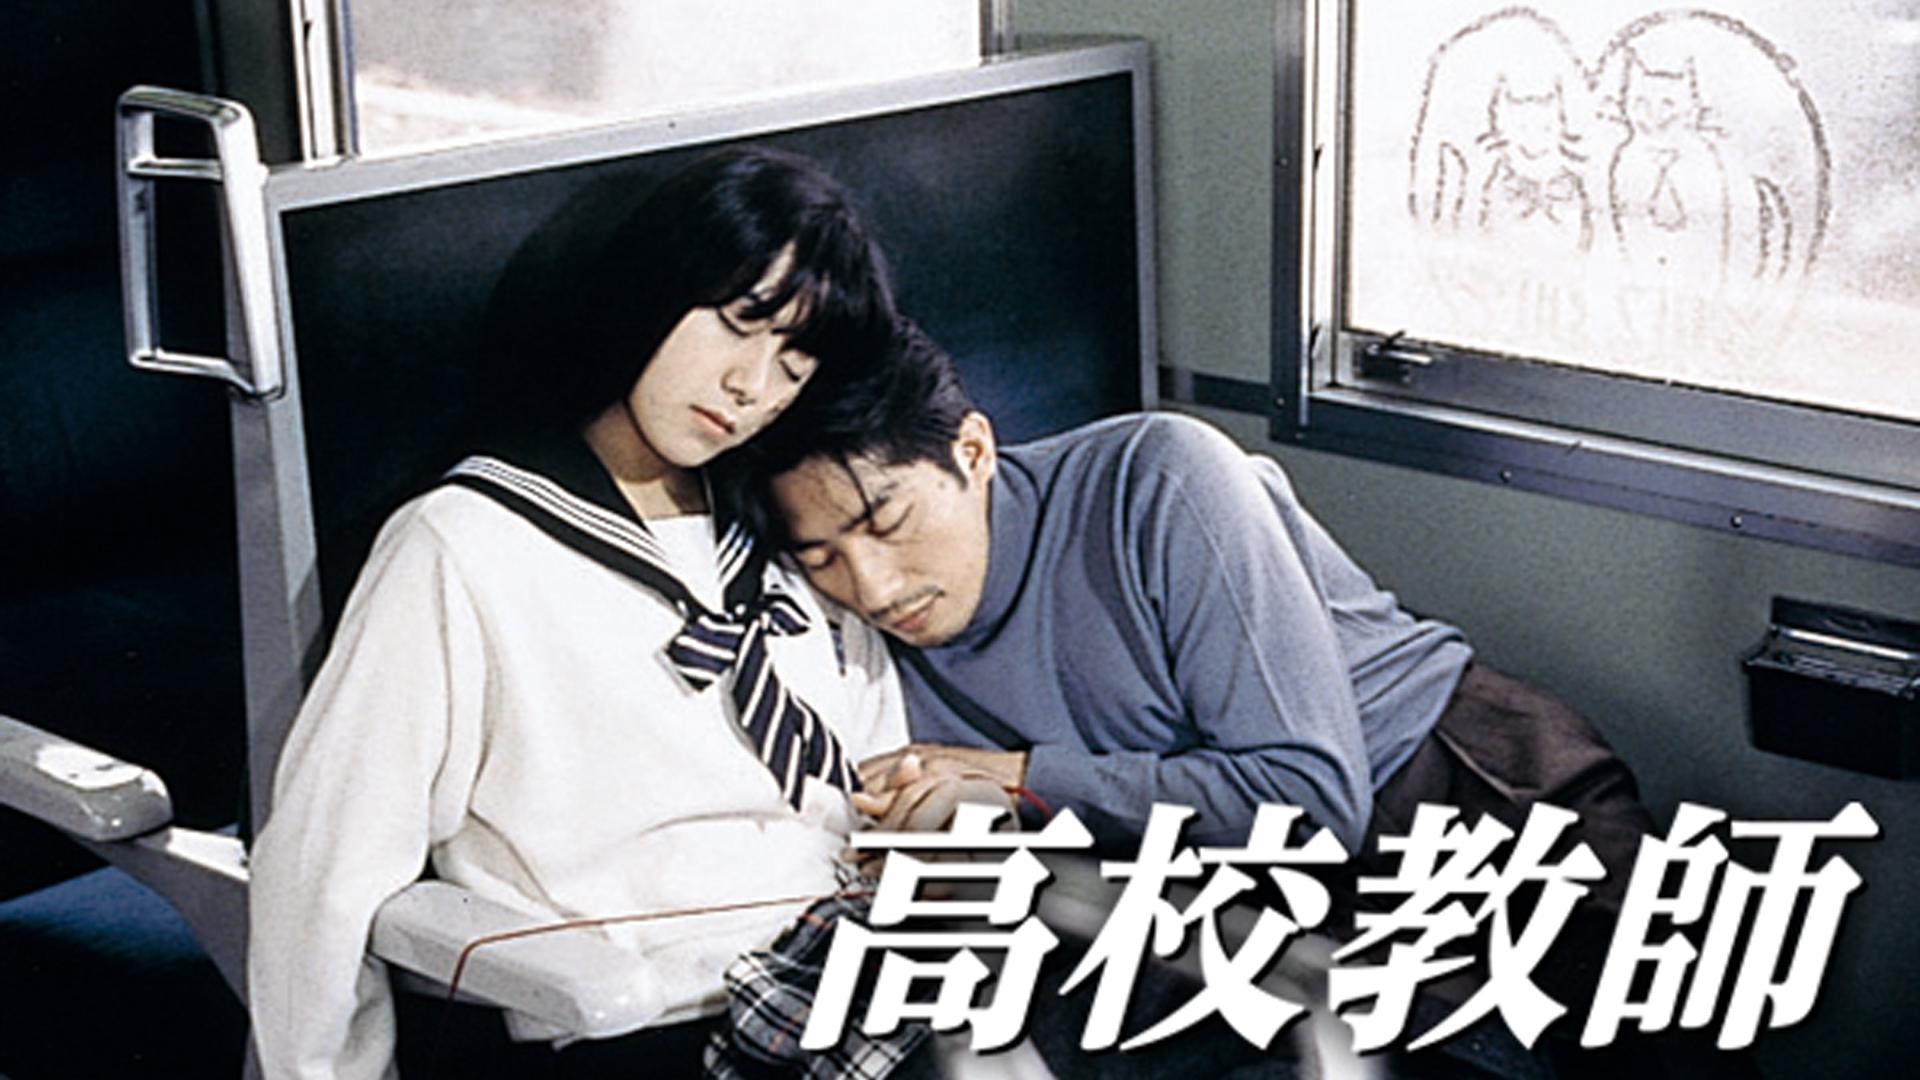 ドラマ『高校教師(1993年版)』無料動画!フル視聴を見逃し配信で!第1話から最終回・再放送まとめ